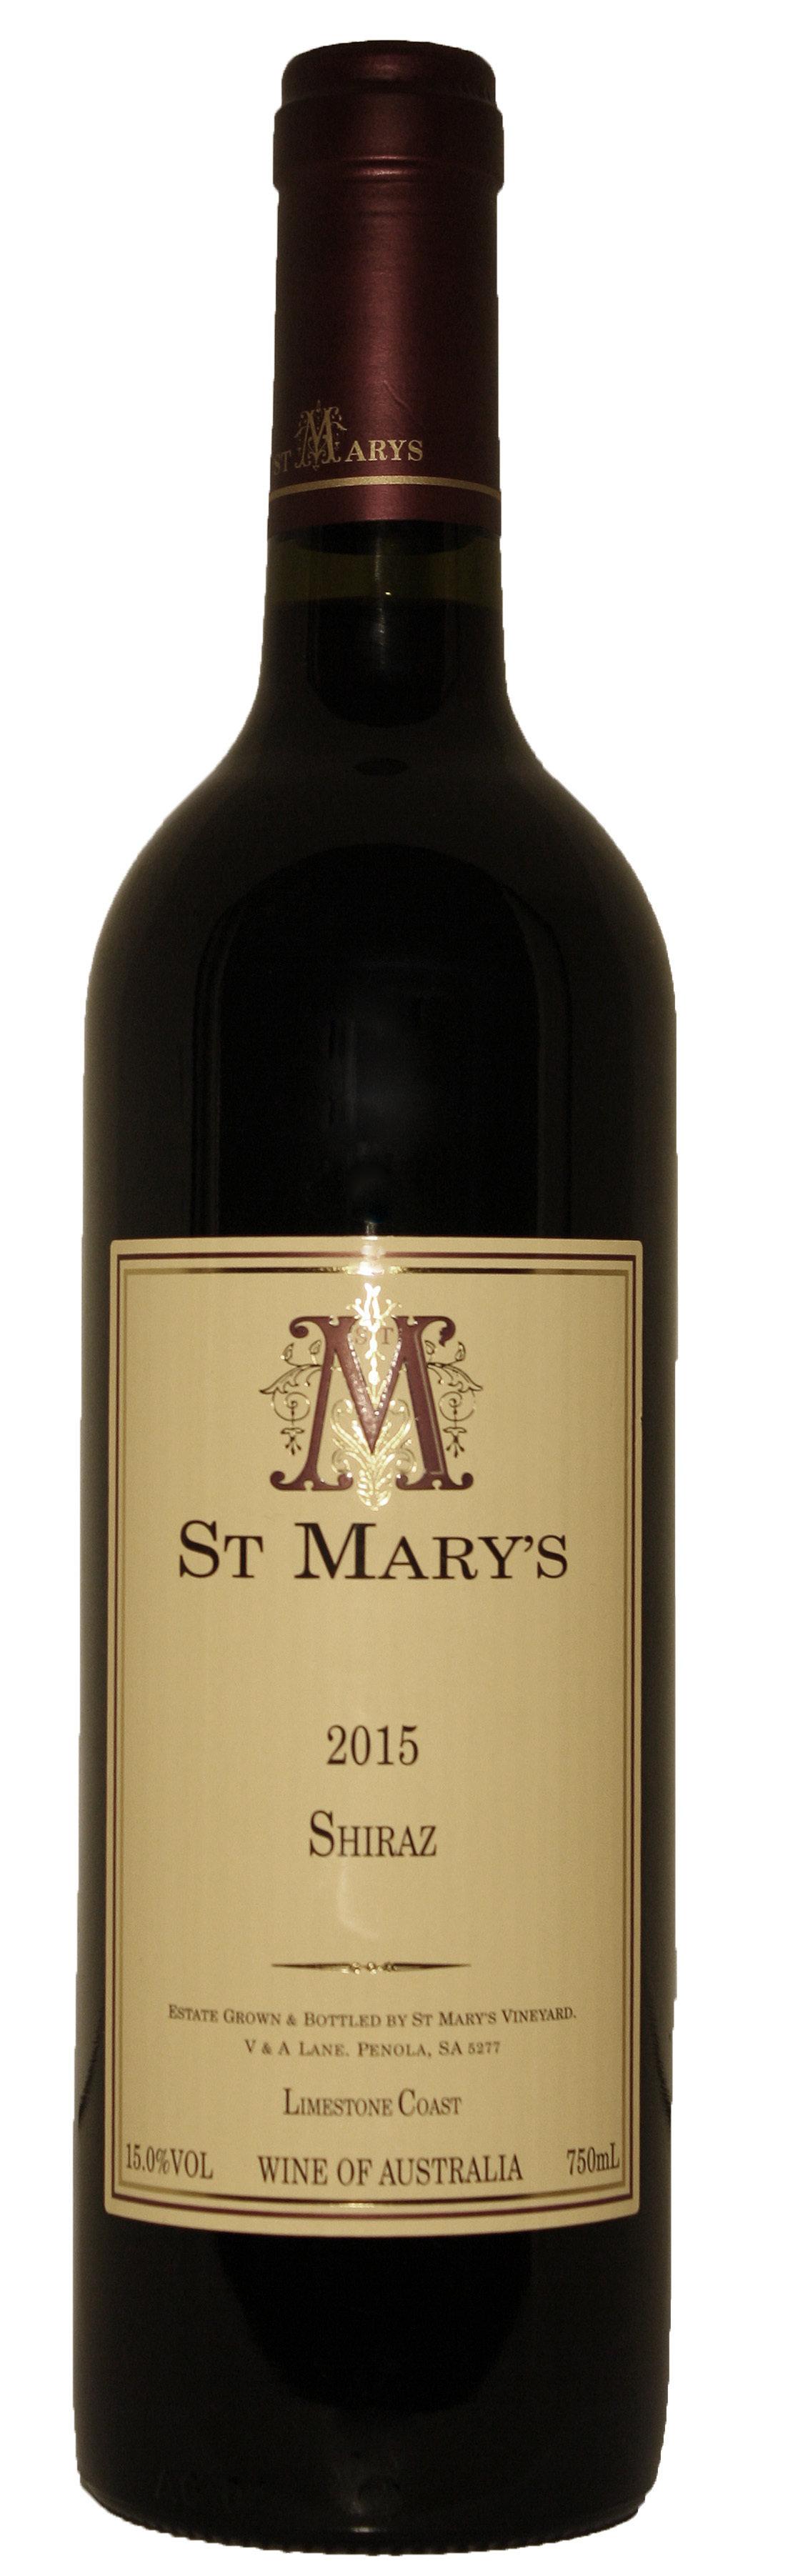 St Mary's Wines 2015 Shiraz 00015